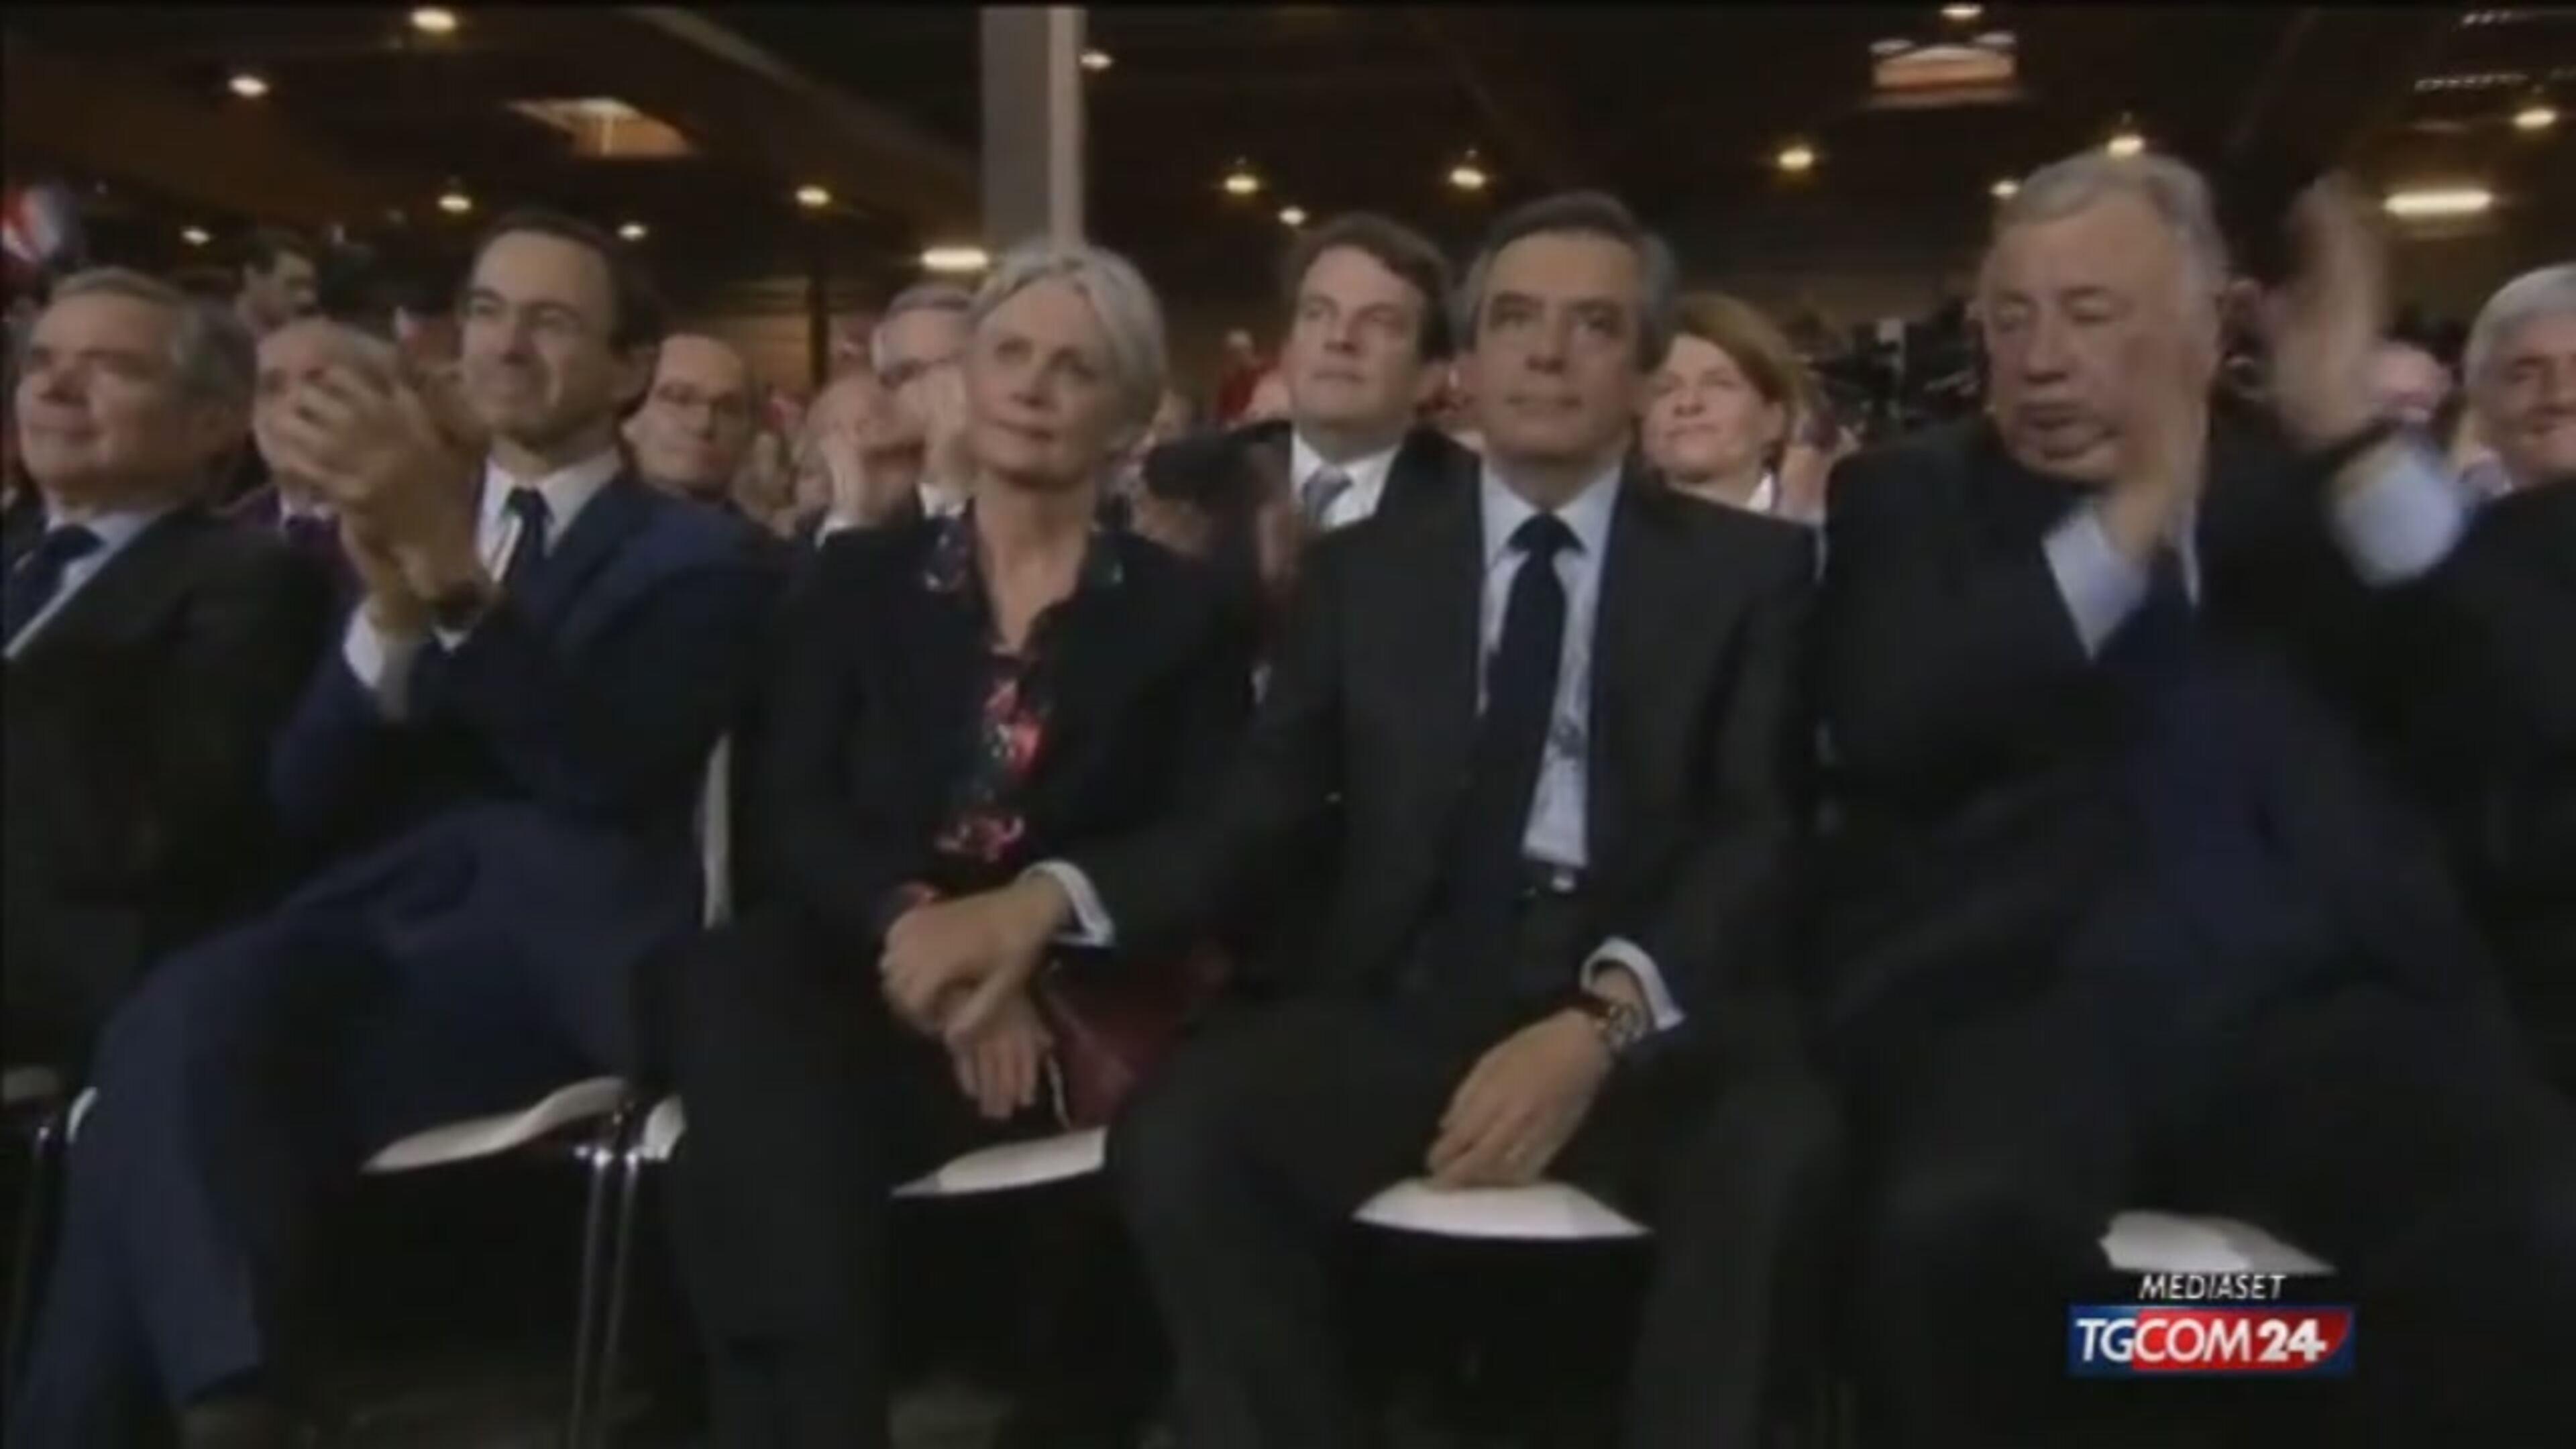 Elezioni in Francia, Fillon rilancia ma la strada è in salita